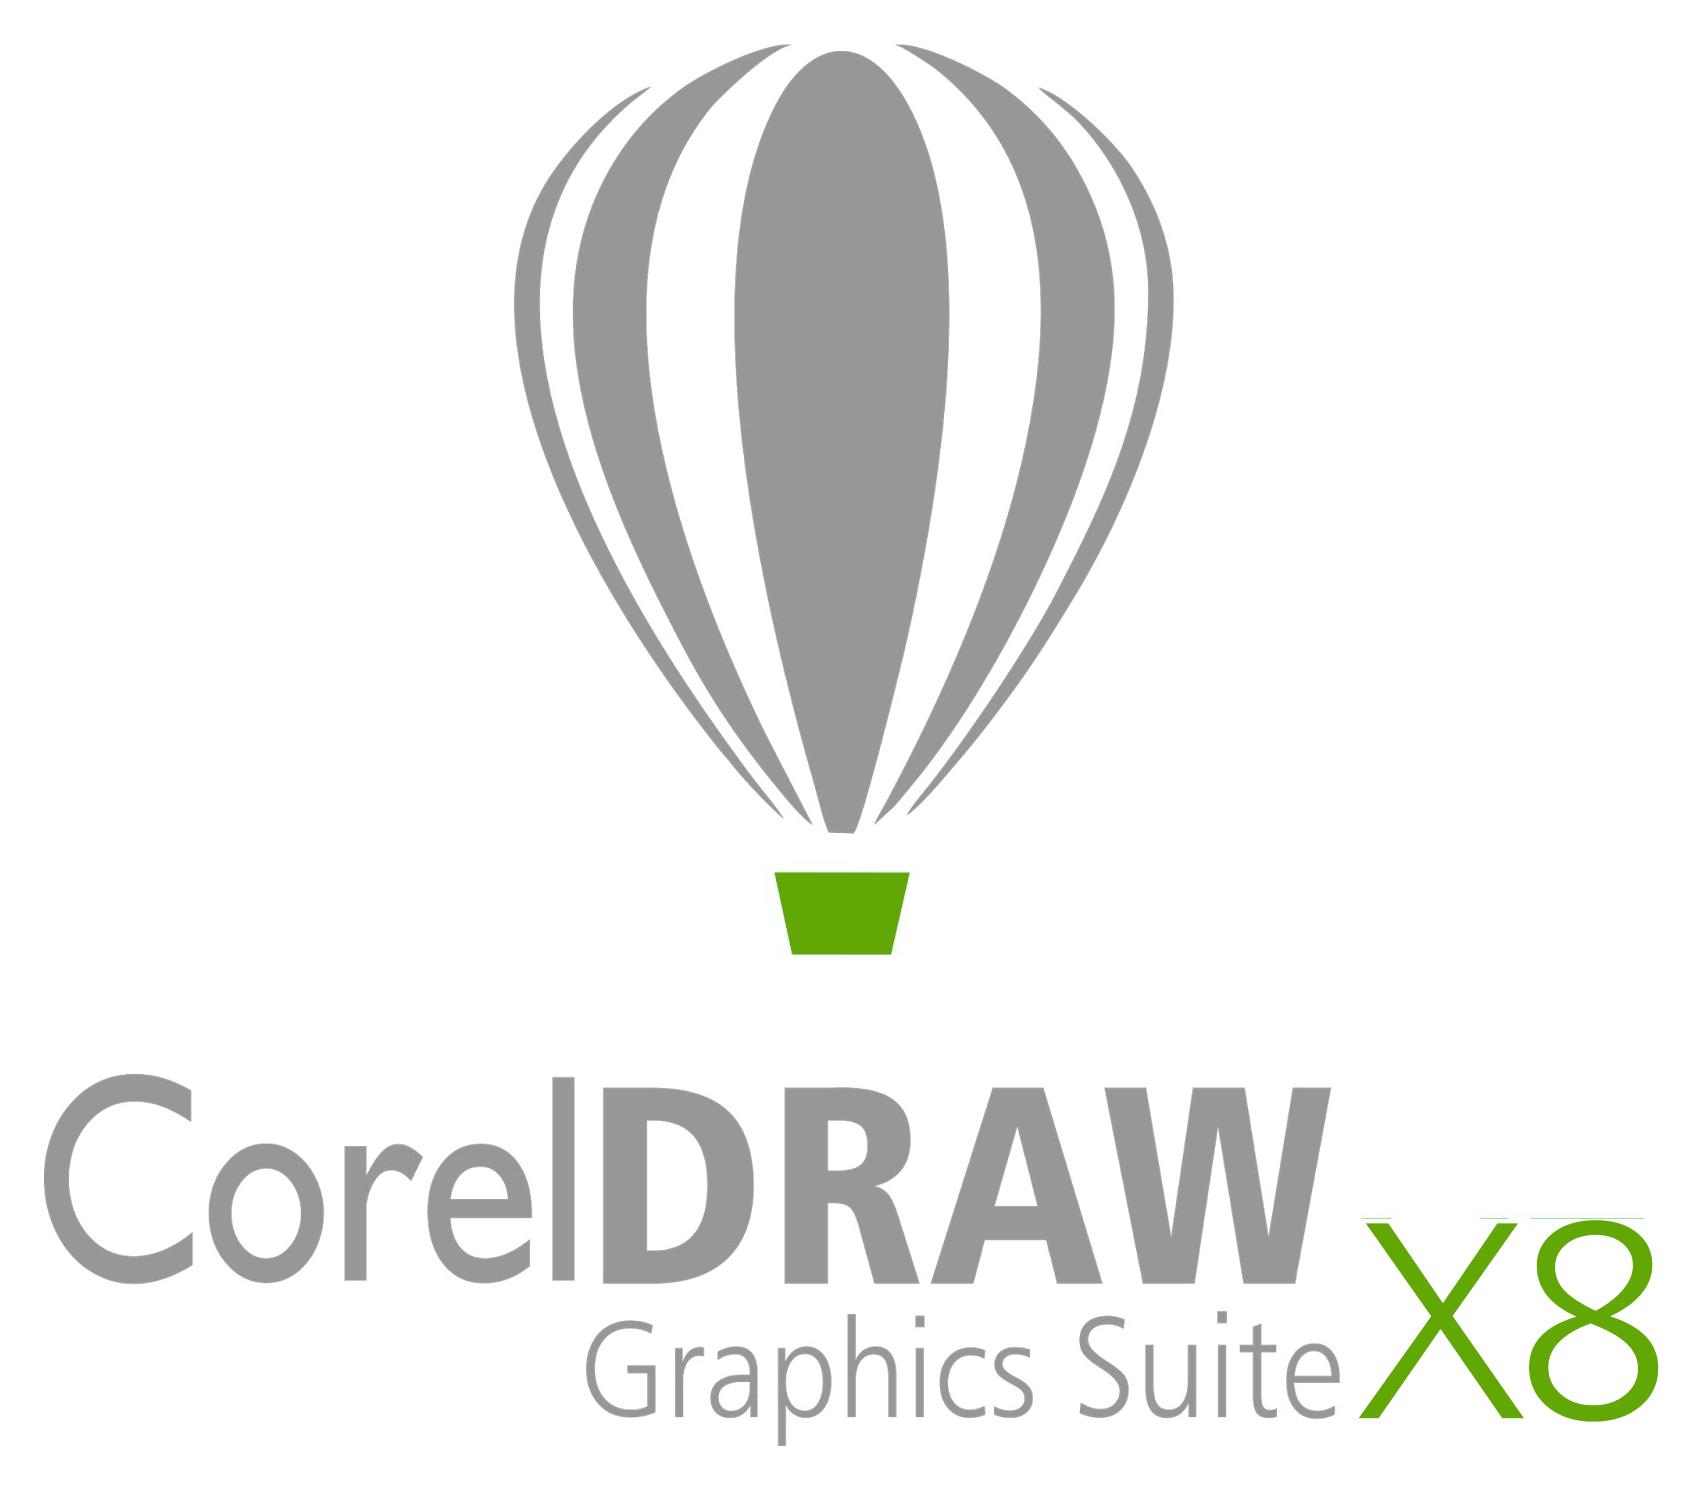 Coreldraw version 12 - Coreldraw Version 12 48